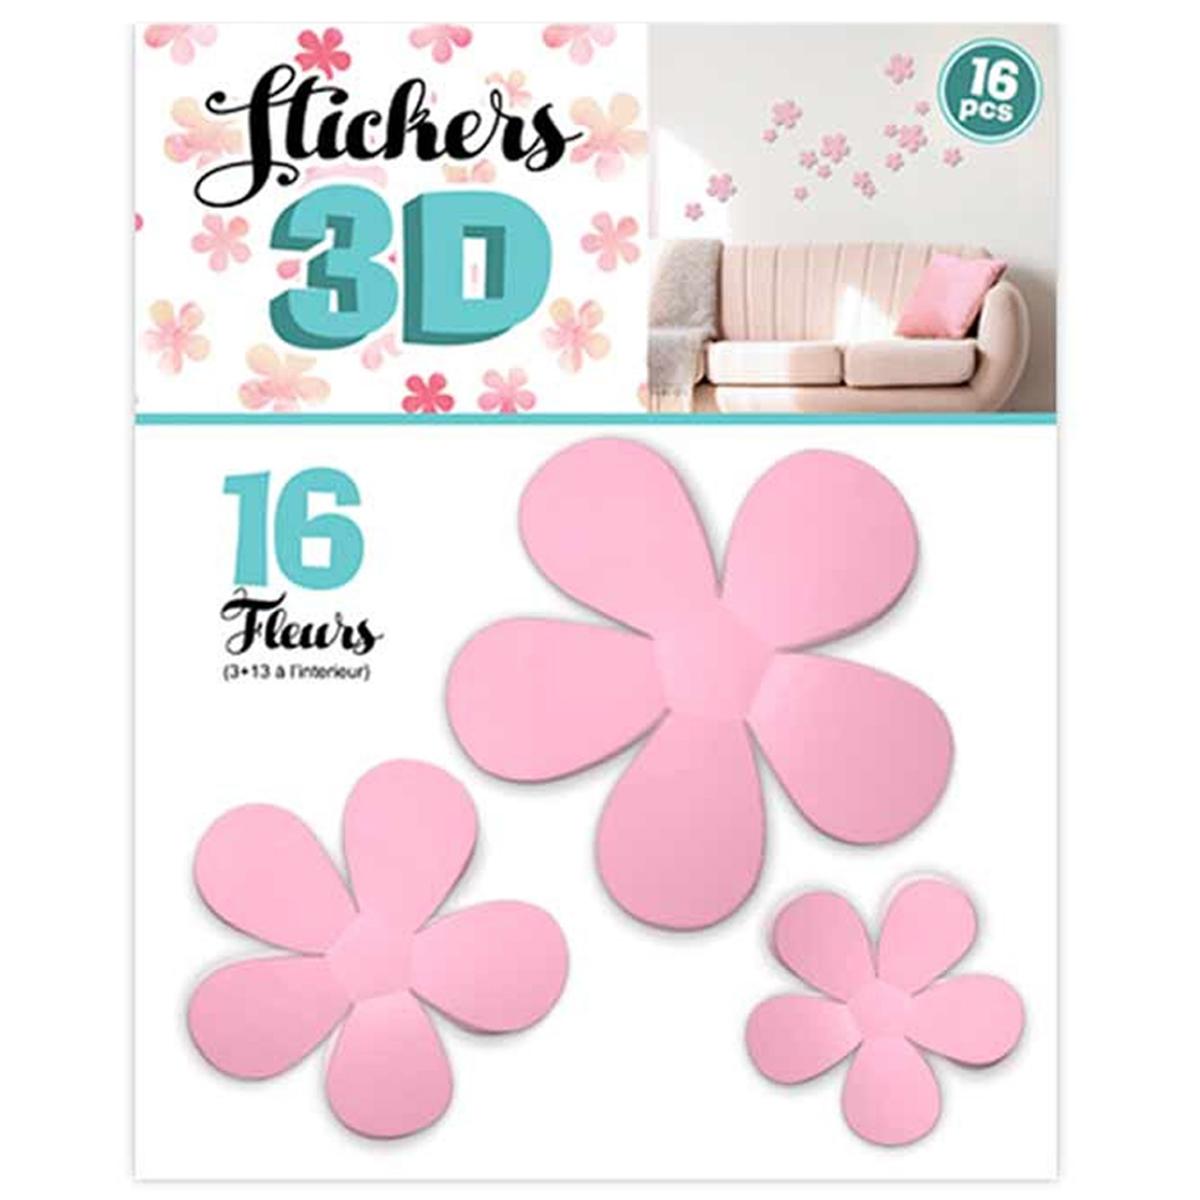 16 stickers 3D \'Fleurs\' rose - planche 30x22 cm - [Q8035]